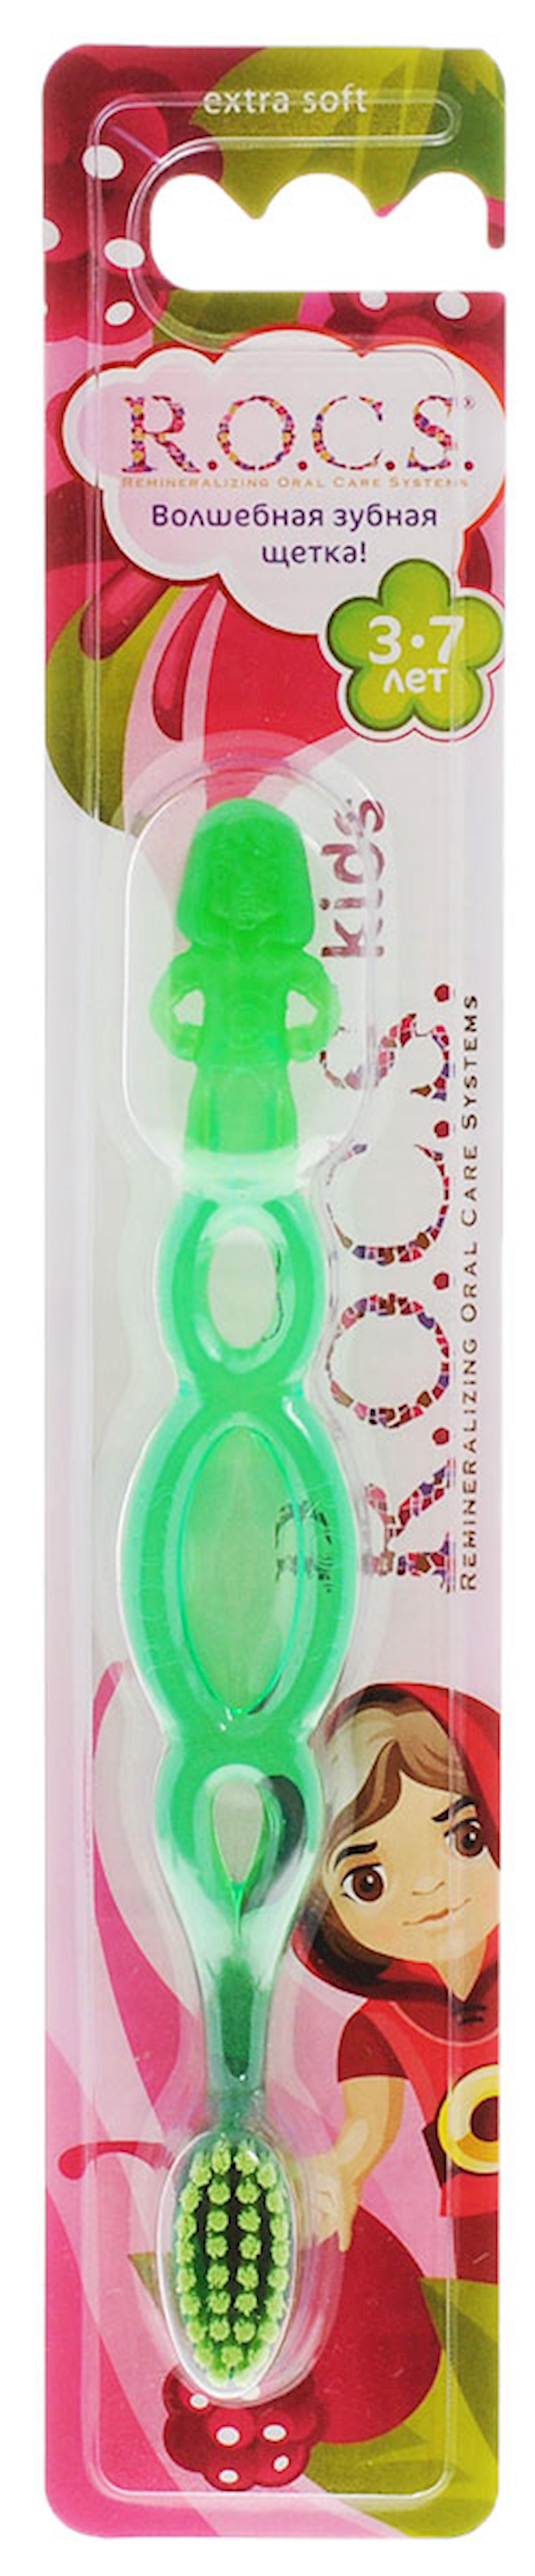 Diş fırçası uşaq üçün R.O.C.S.  3-7 yaş